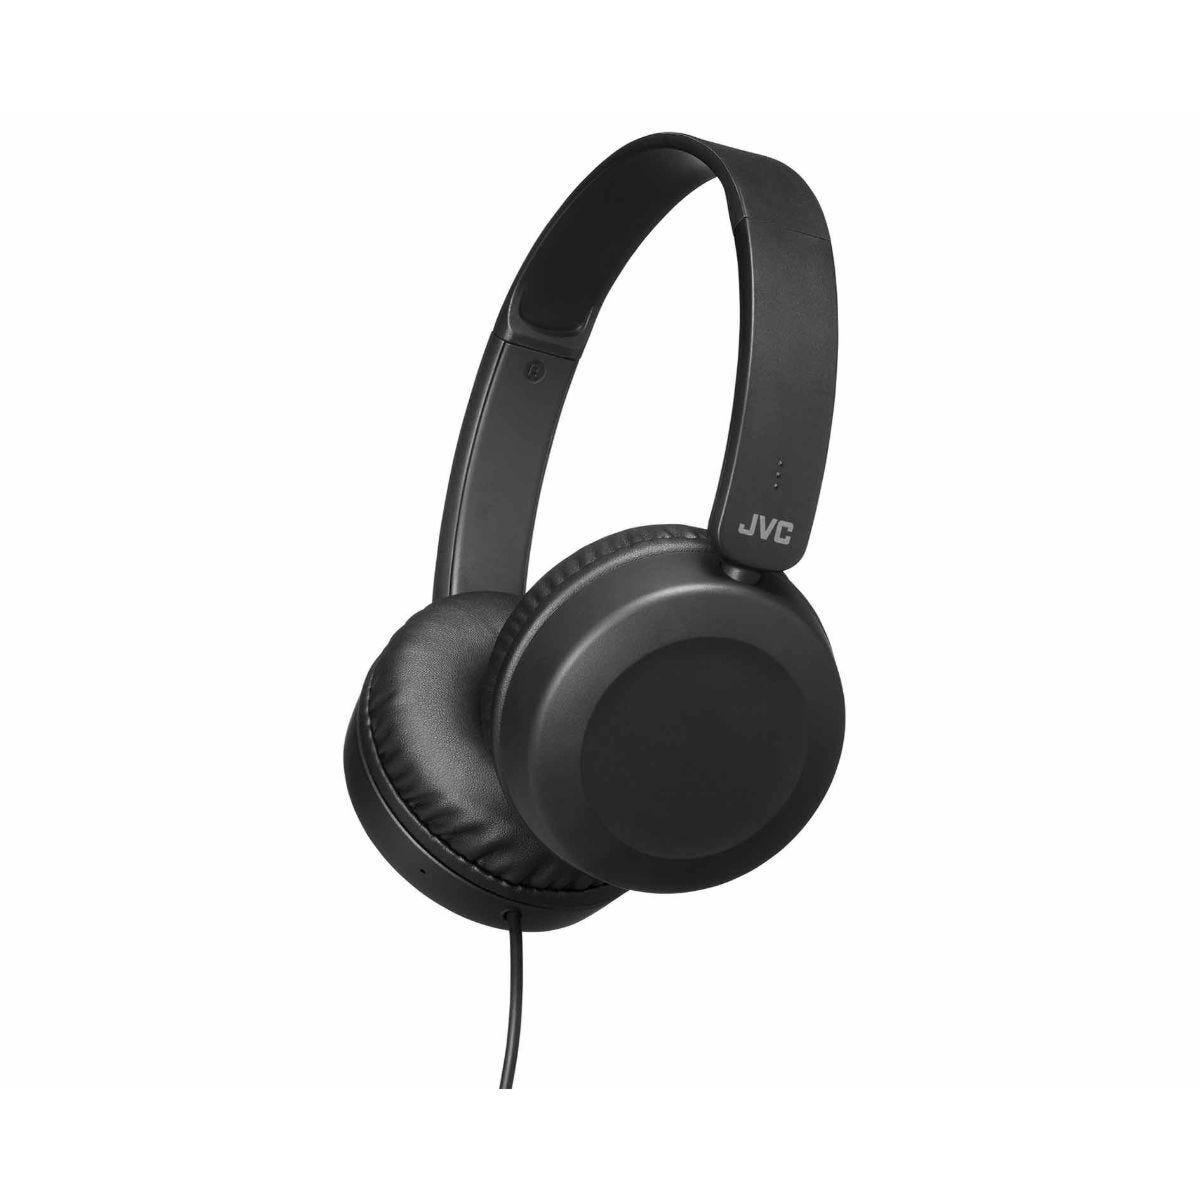 JVC HA-S31M Powerful Sound On-Ear Foldable Headphones